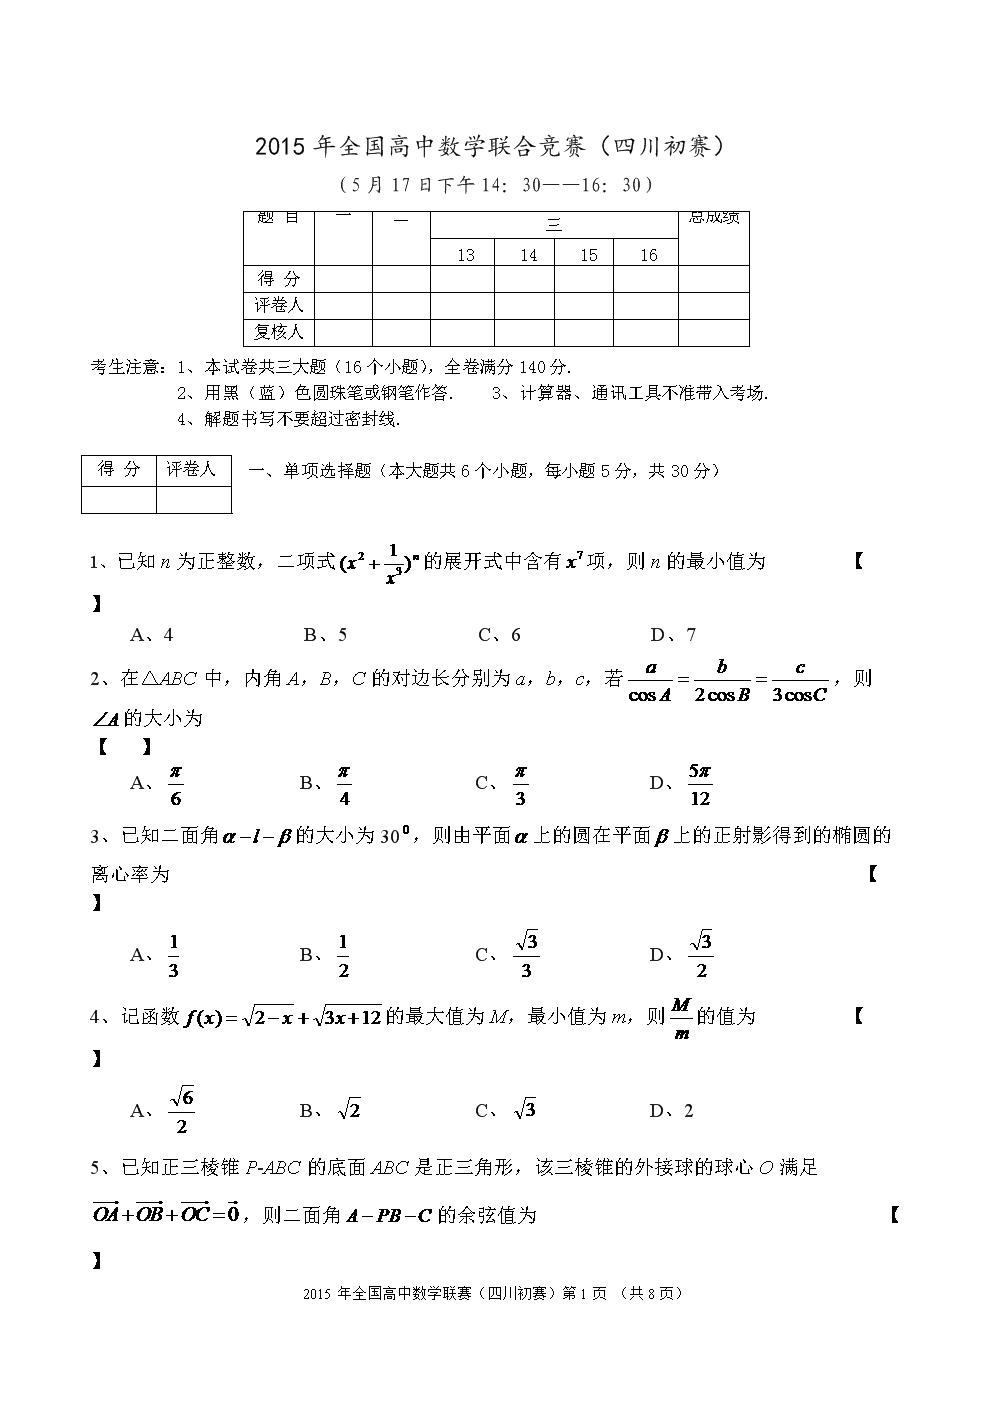 2015年全国高中数学联合竞赛试卷及答案(四川初赛).doc